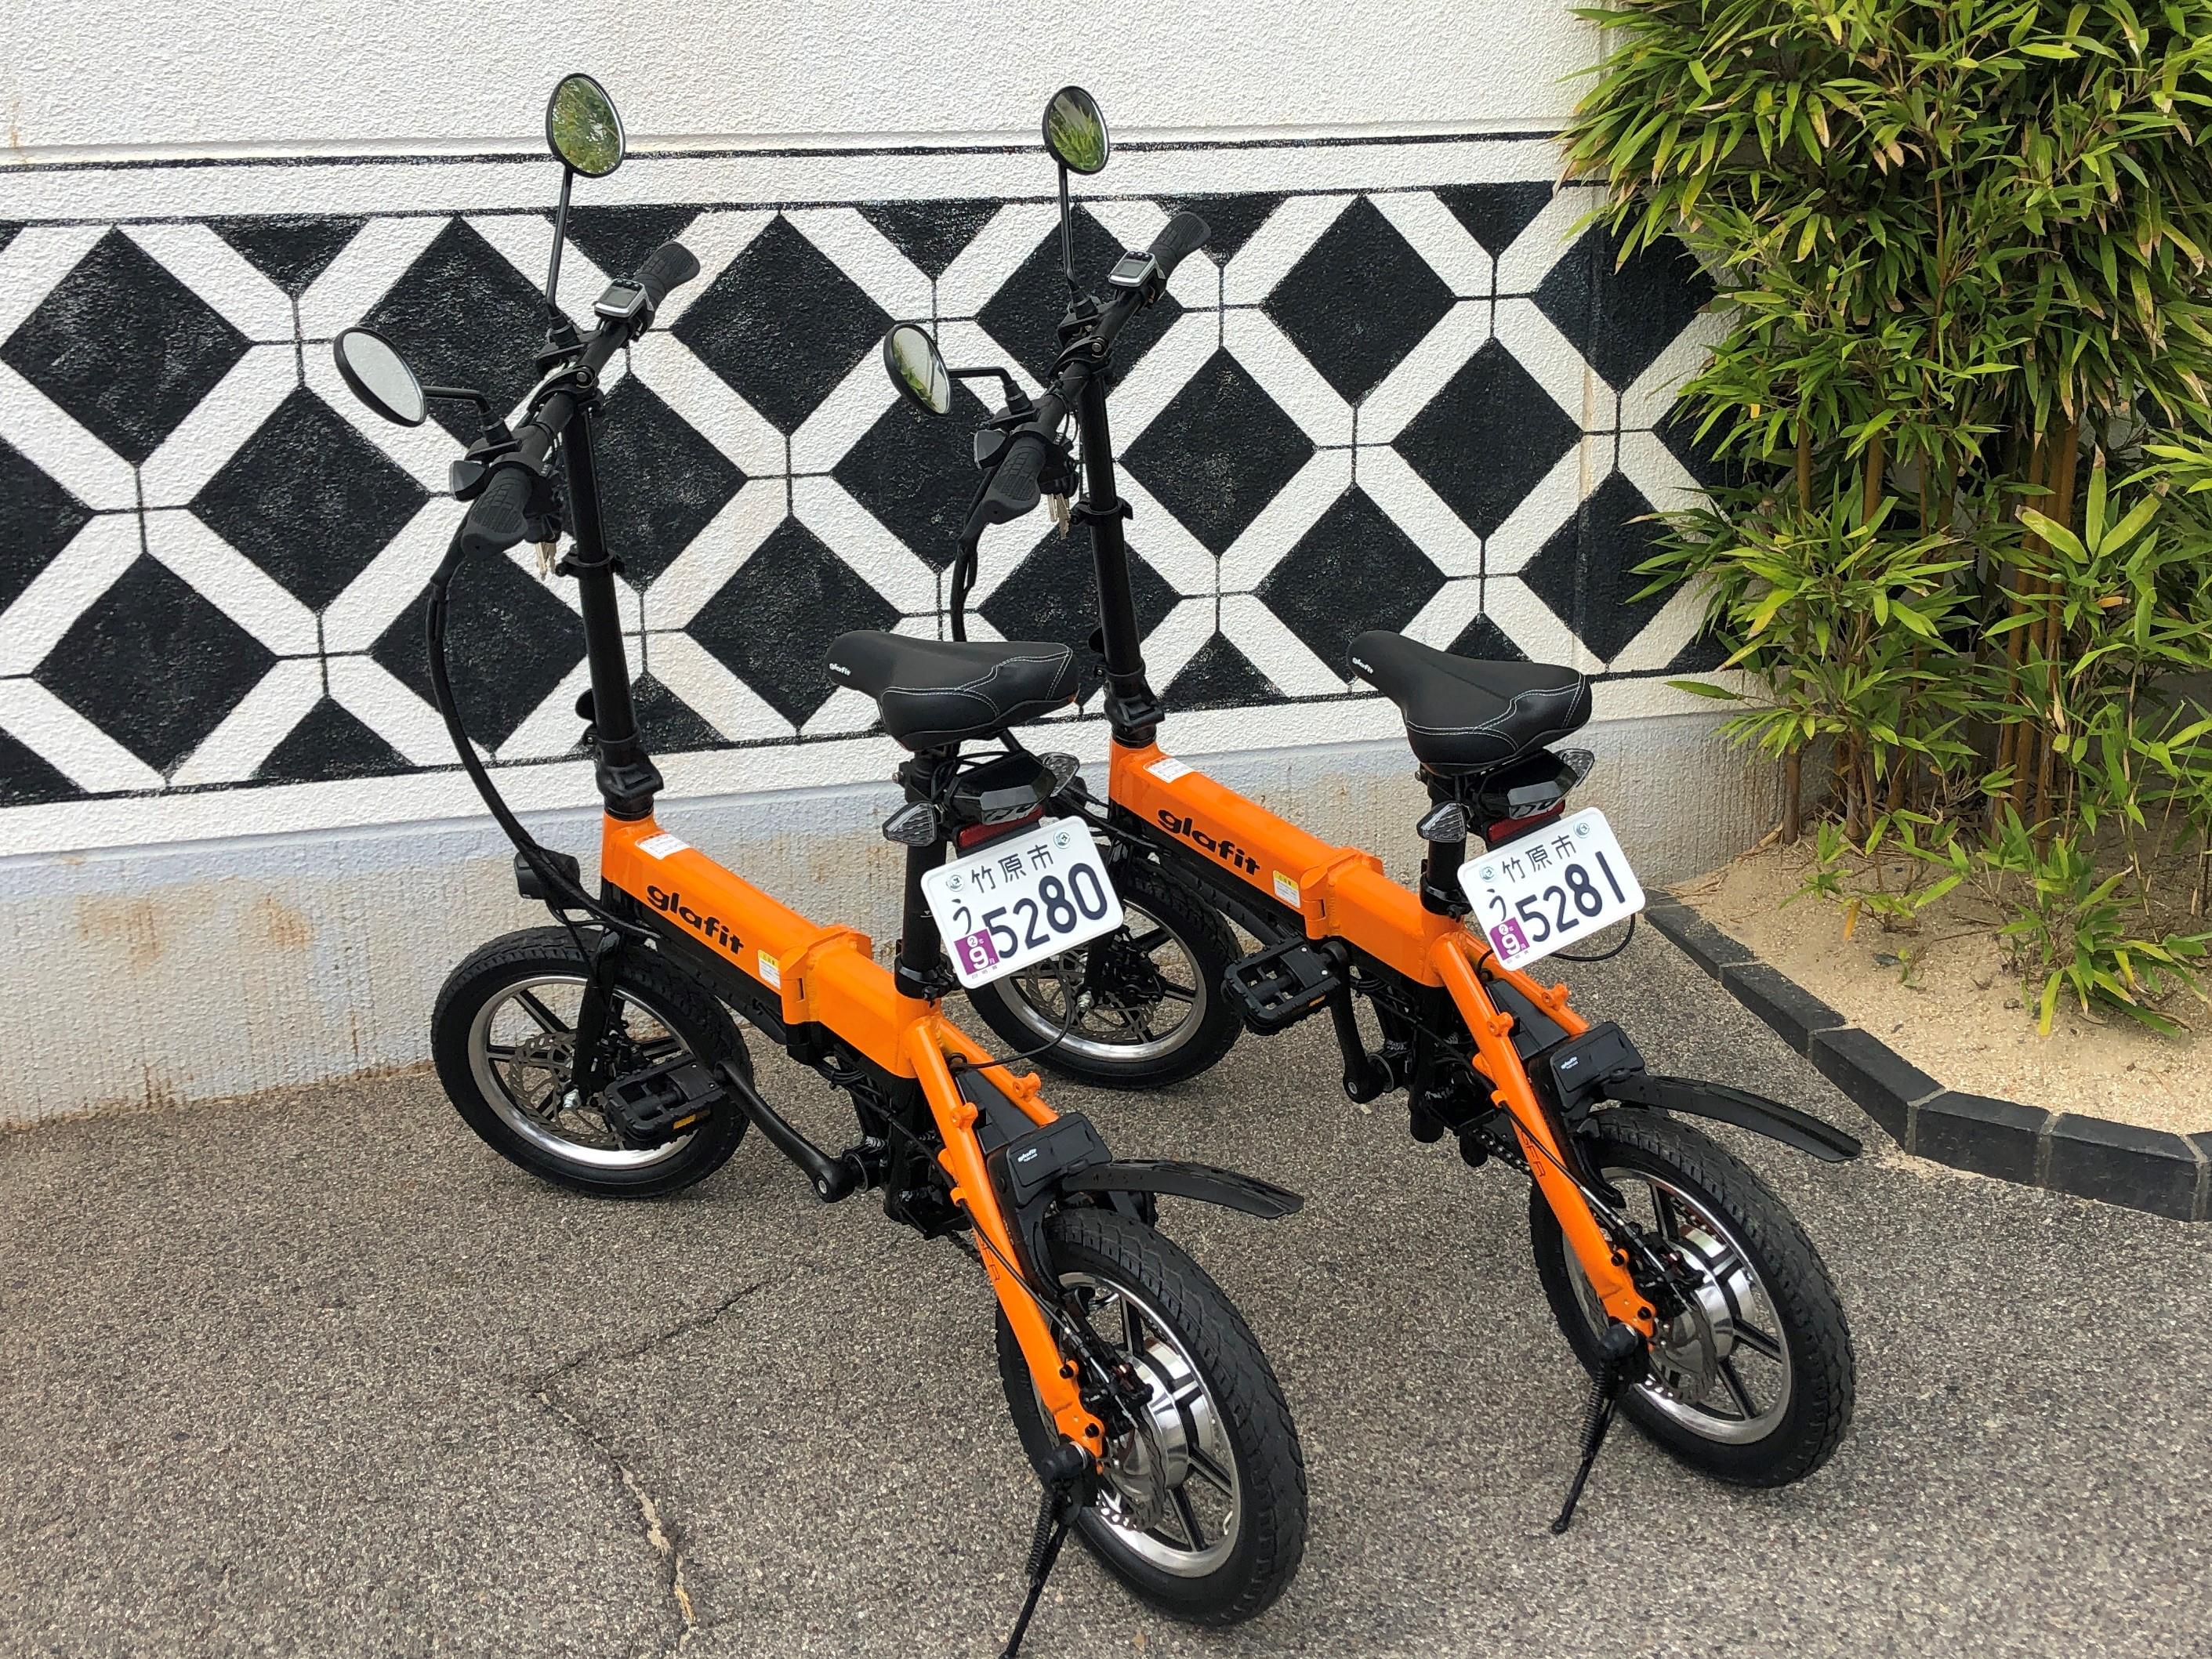 ミカンオレンジのglafitバイクで目立つこと間違いなし!